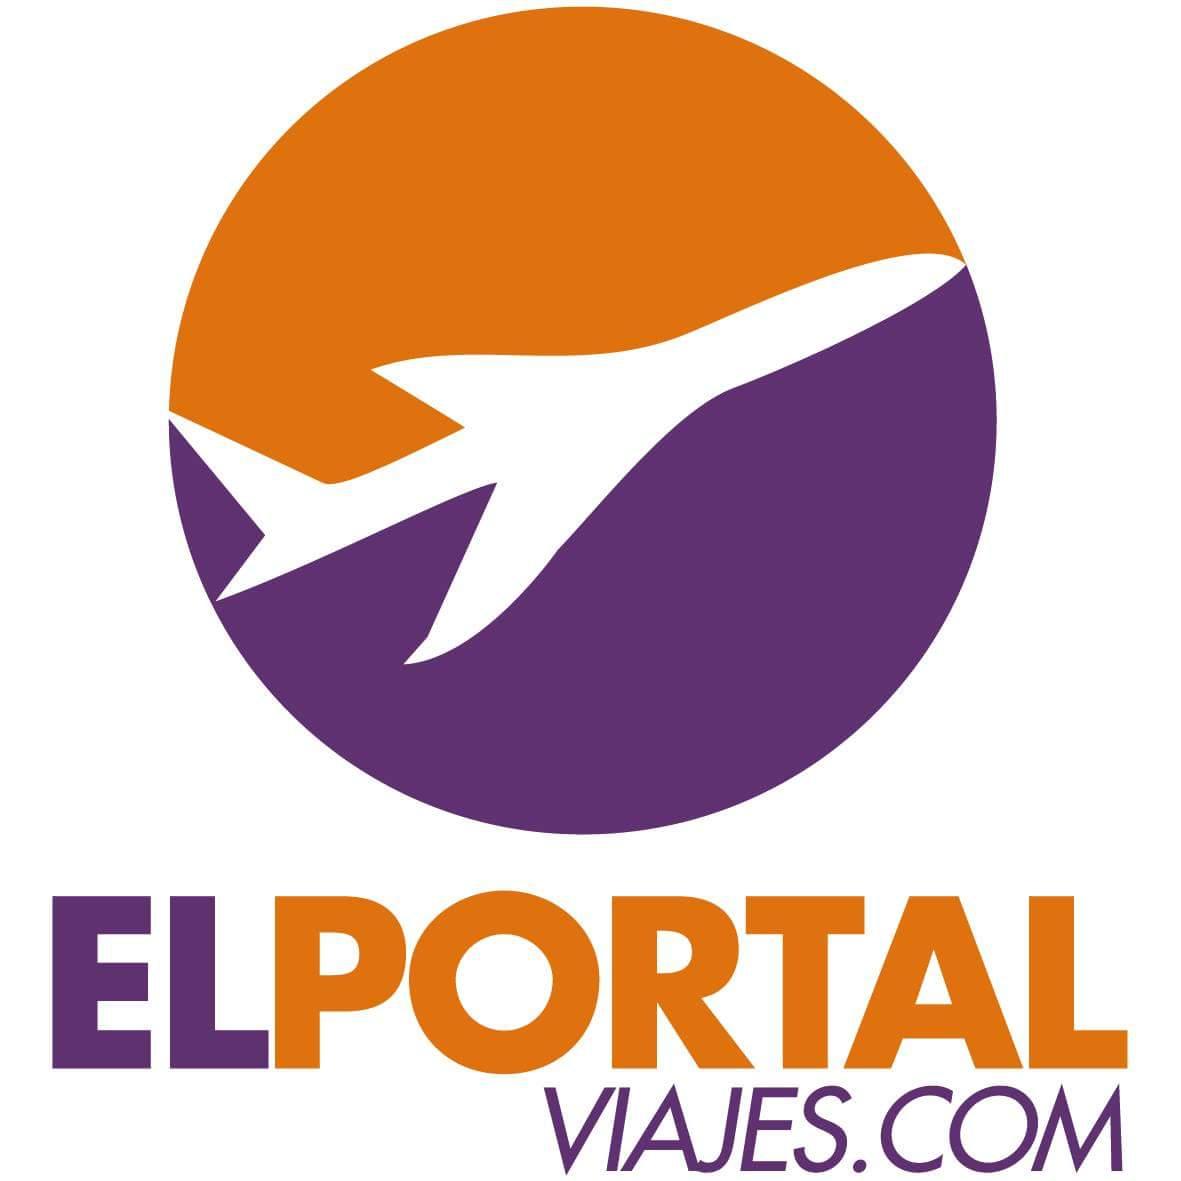 El Portal Viajes